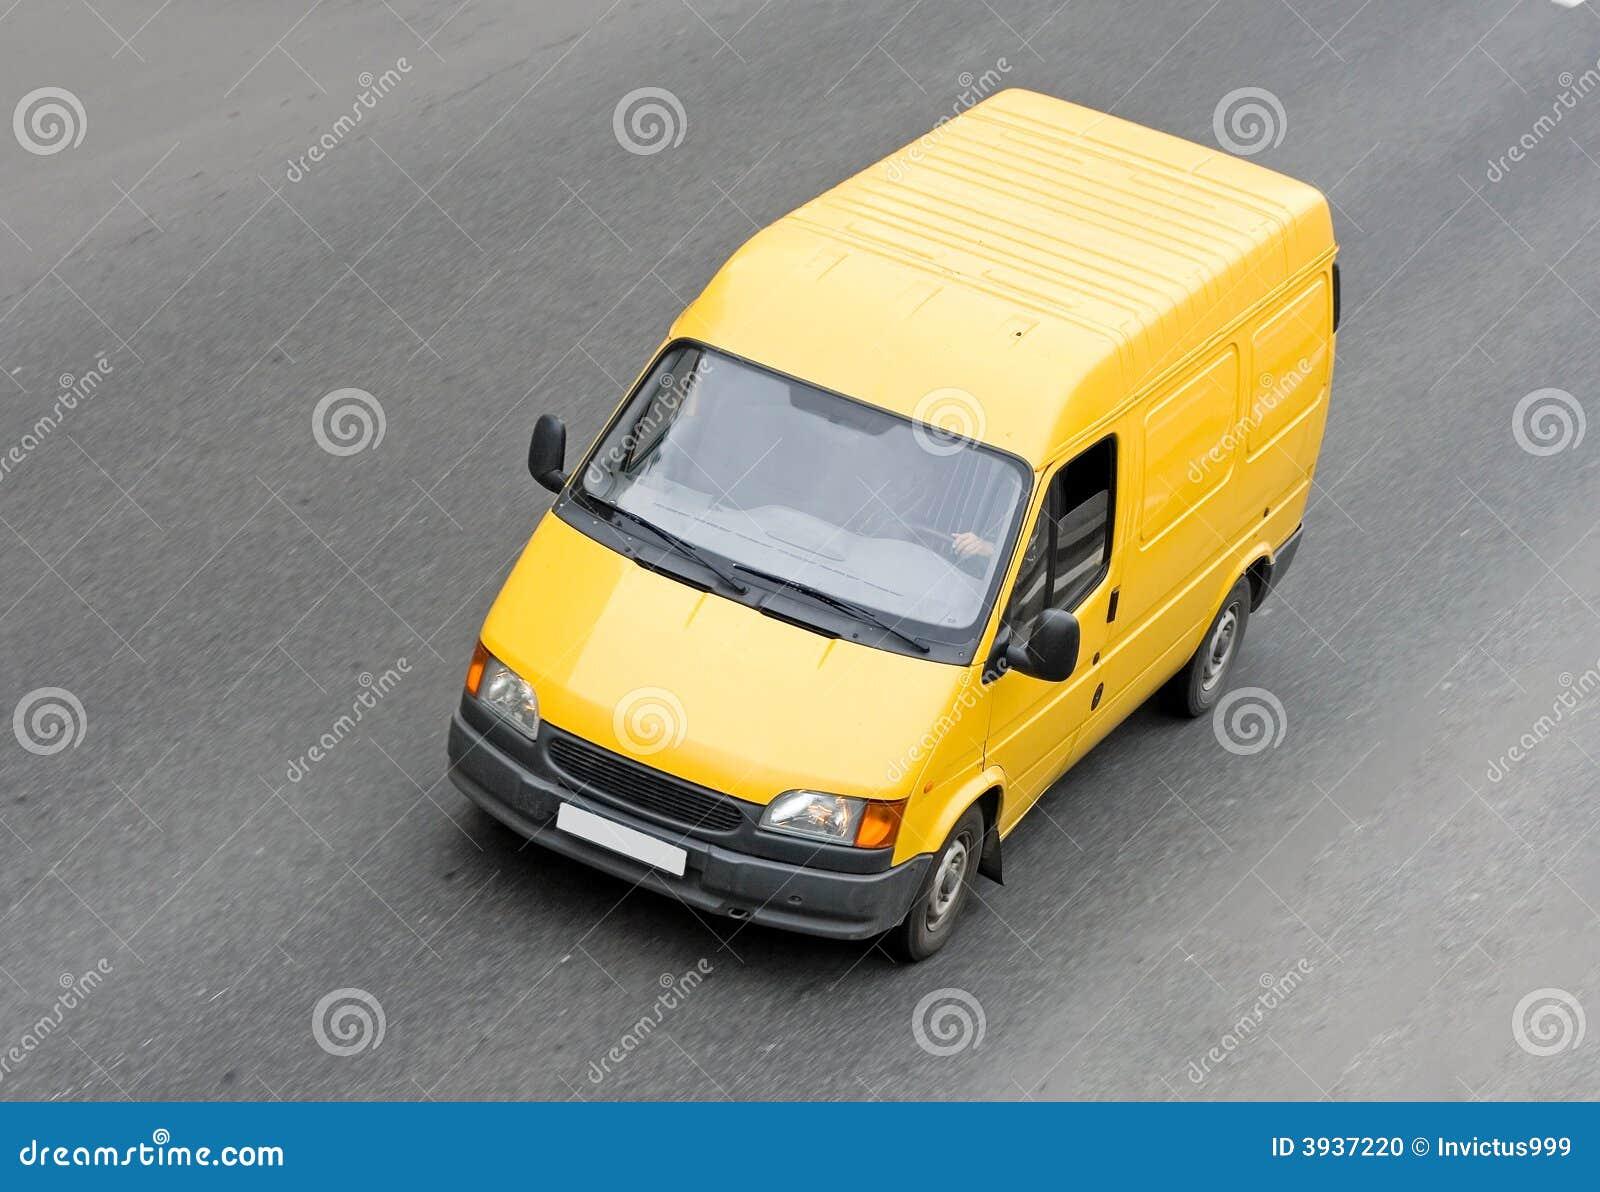 fourgon blanc jaune de camionnette de livraison photo stock image 3937220. Black Bedroom Furniture Sets. Home Design Ideas